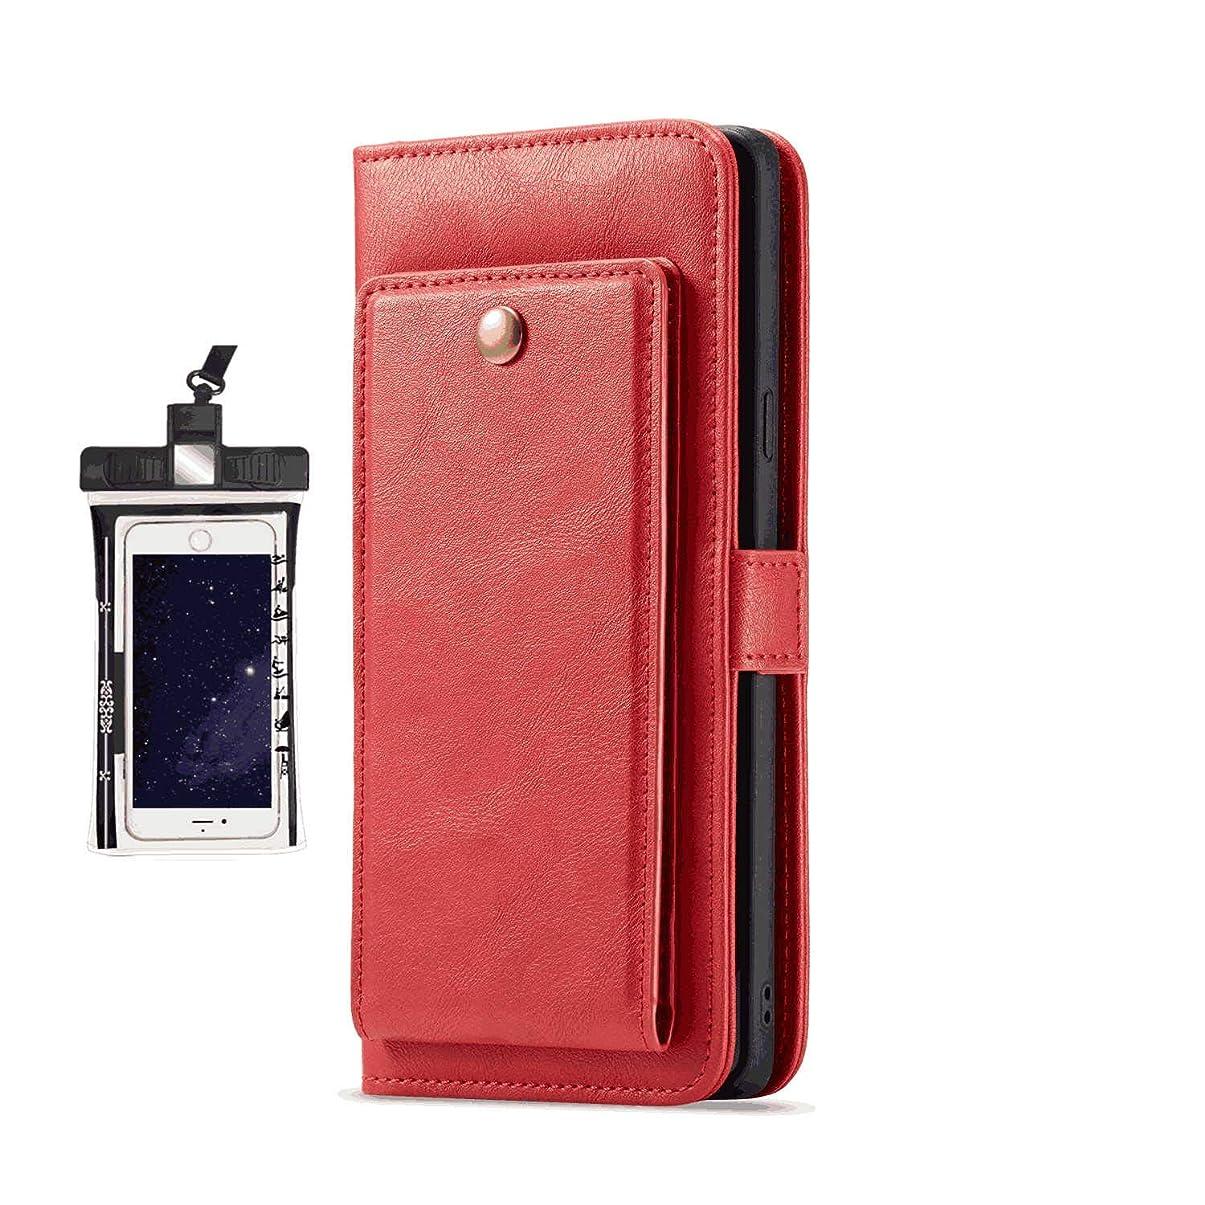 ステーキ参照仮定する耐摩擦 手帳型 iPhone 8 PLUS ケース アイフォン レザーケース 財布型 カード収納 マグネット式 保護ケース 軽量 スマホケース スマートフォンケース 全面保護 [無料付防水ポーチ水泳など適用]